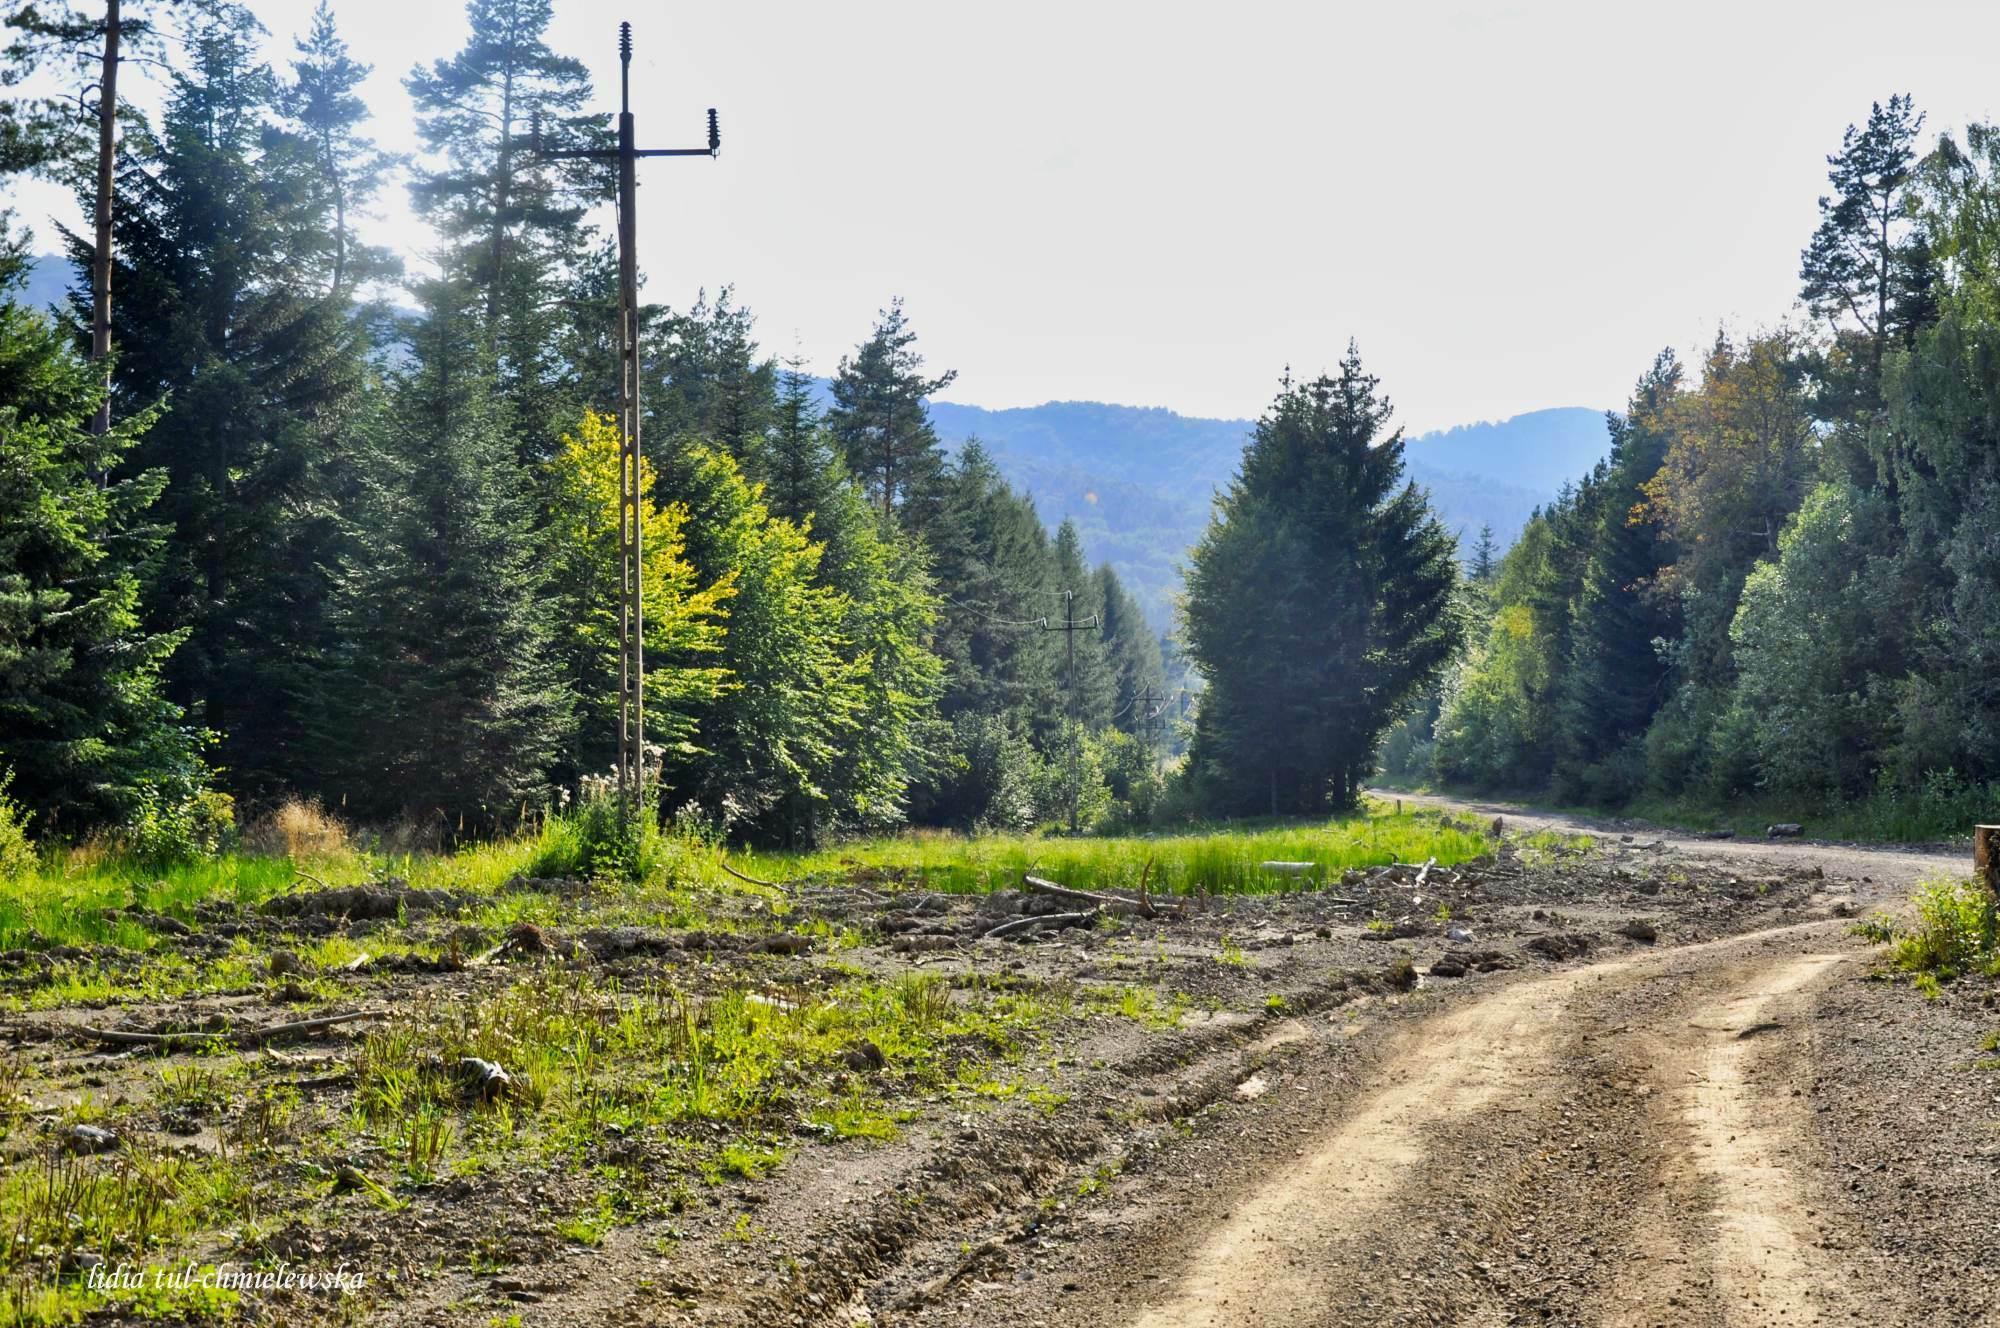 Balnica_bezludne tereny dawnej wsi(0)_11